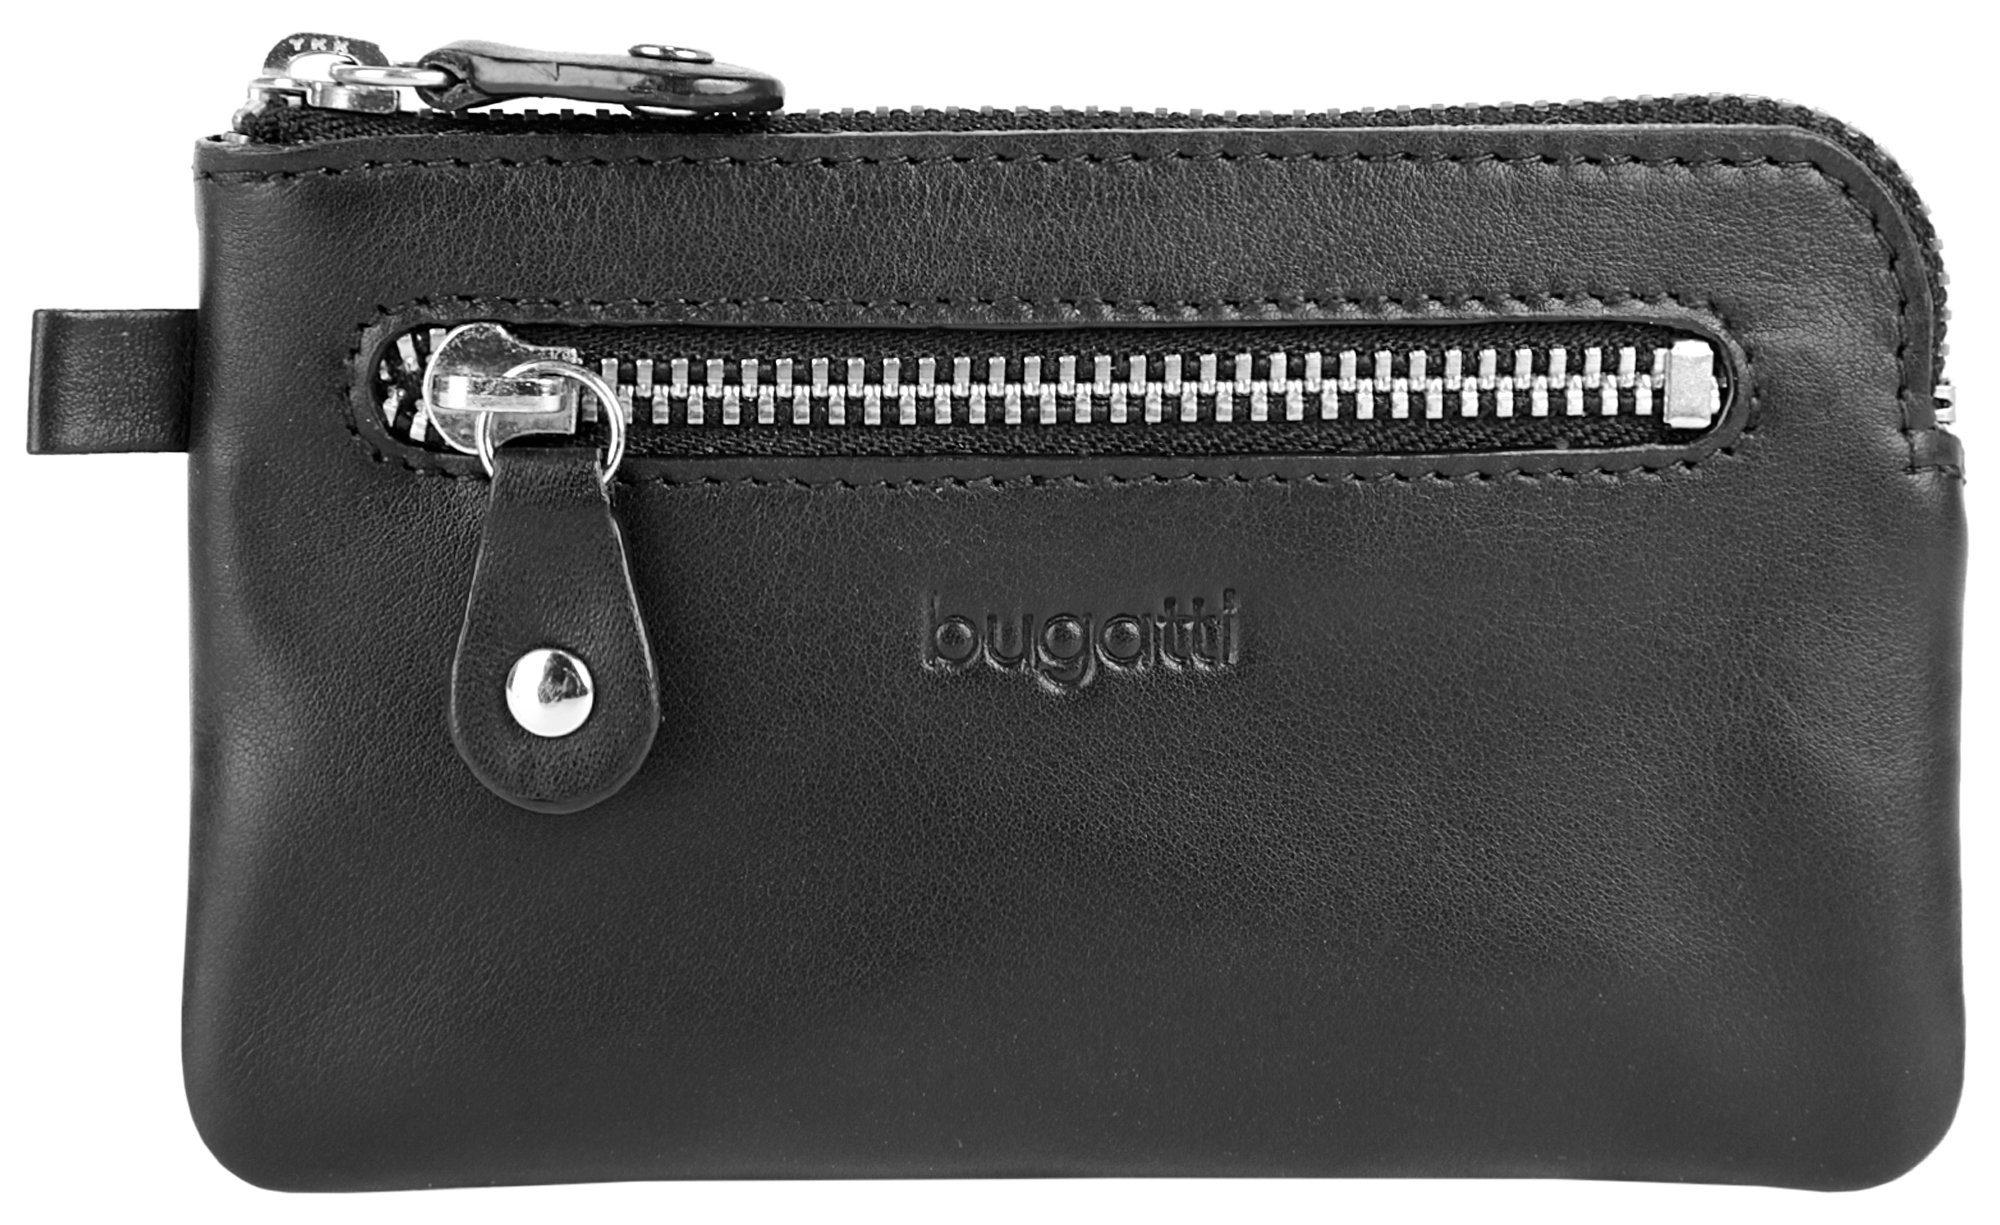 Bugatti Schlüsseltasche »SIMBIOSI«, Schlüsselanhänger